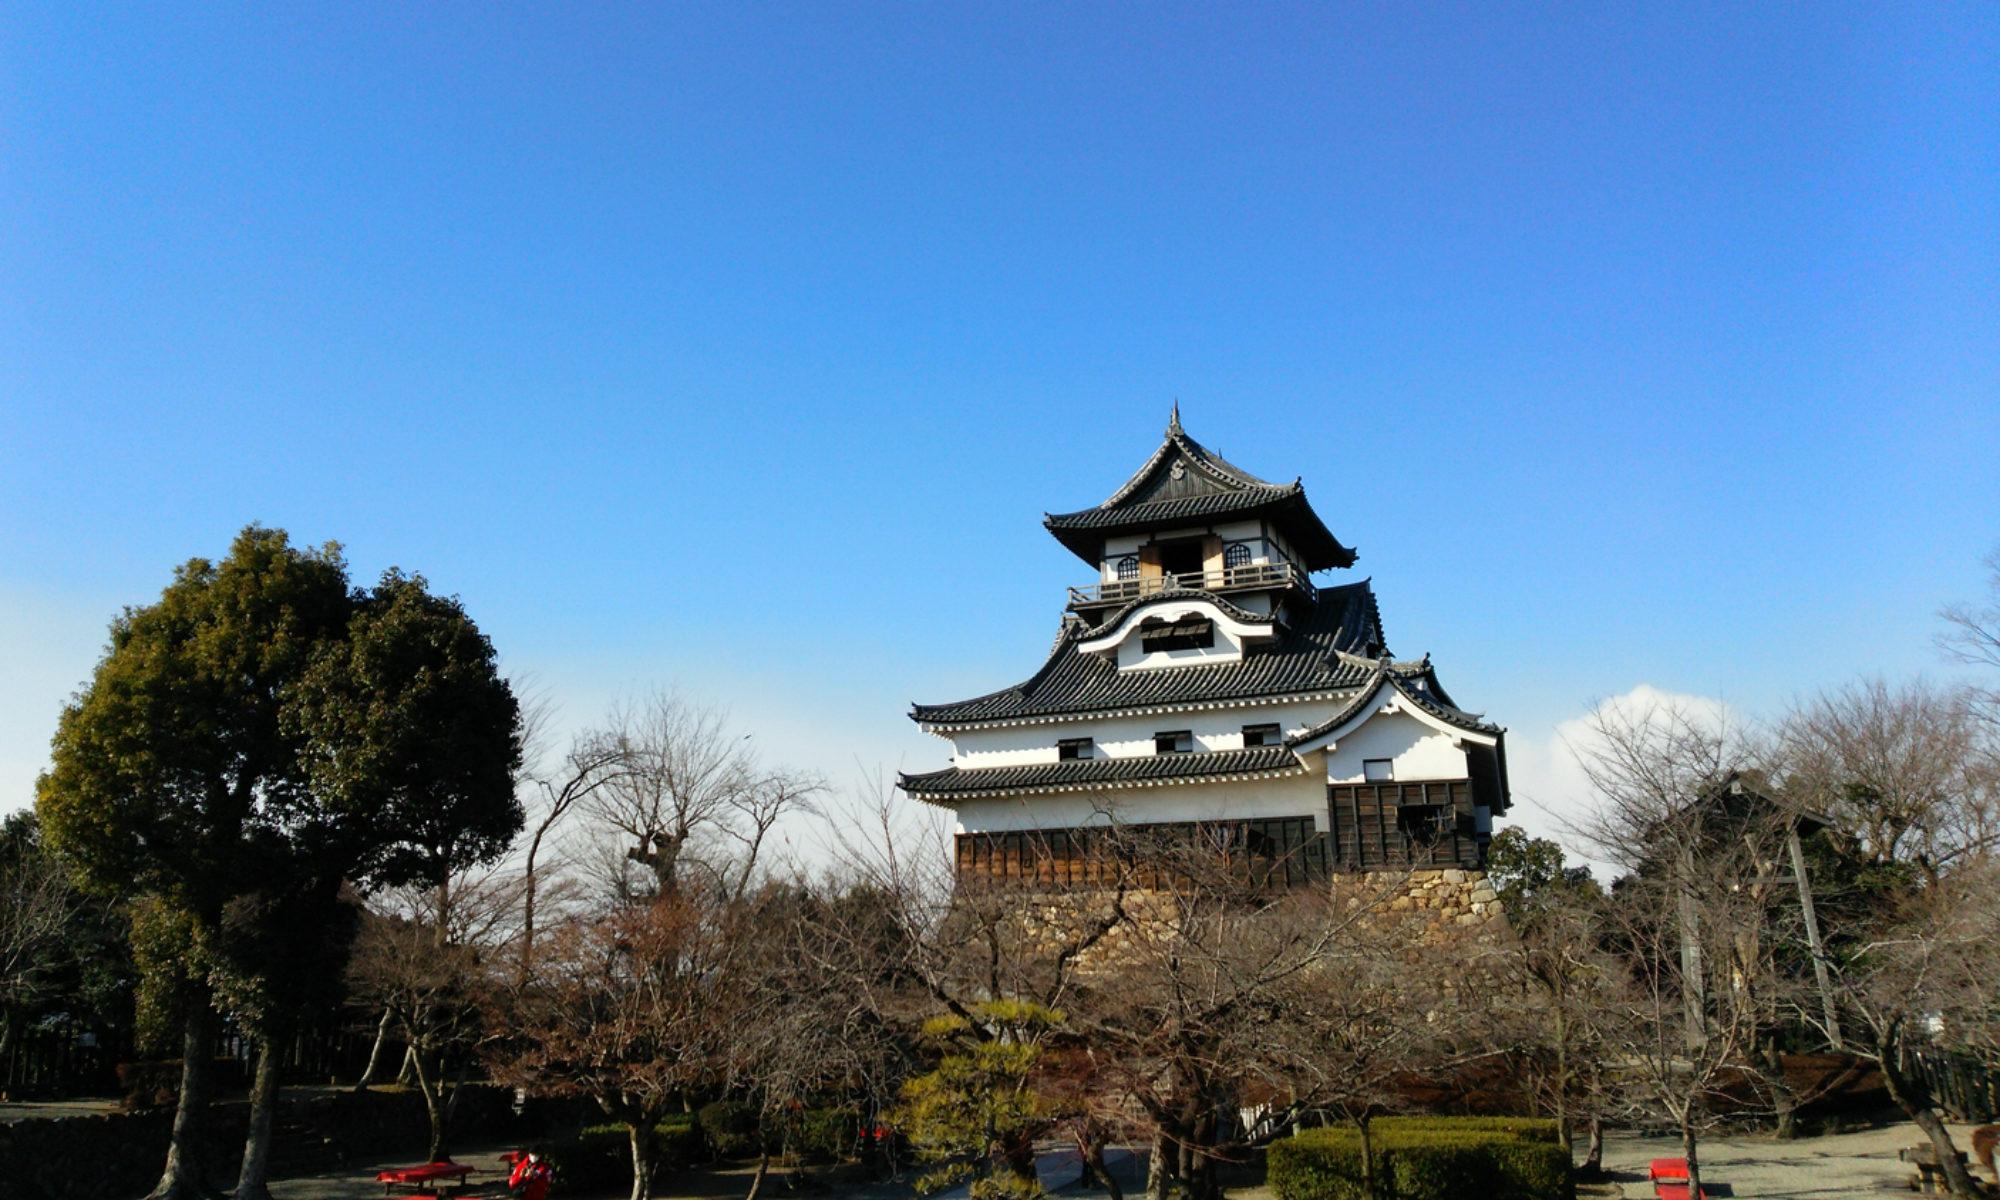 犬山城マイスター!たかまる。の『犬山城のことを知りたい方のための』ウェブサイト